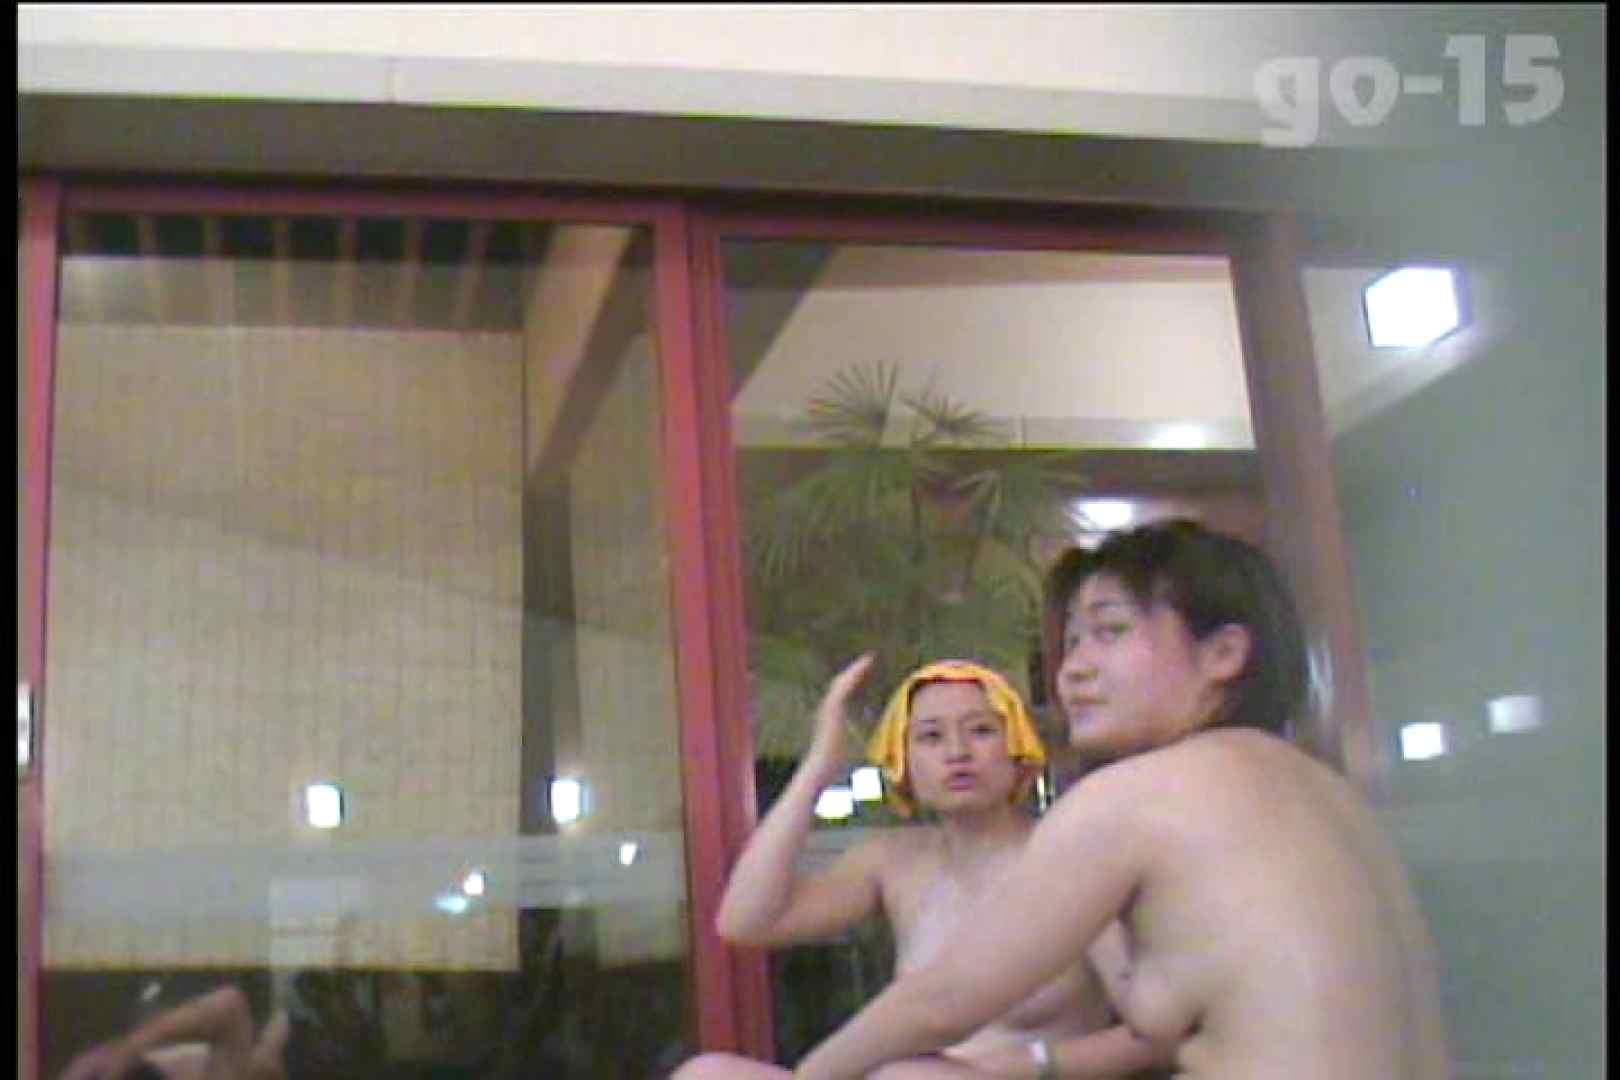 電波カメラ設置浴場からの防HAN映像 Vol.15 盗撮 | チラ見せ  53PIX 13